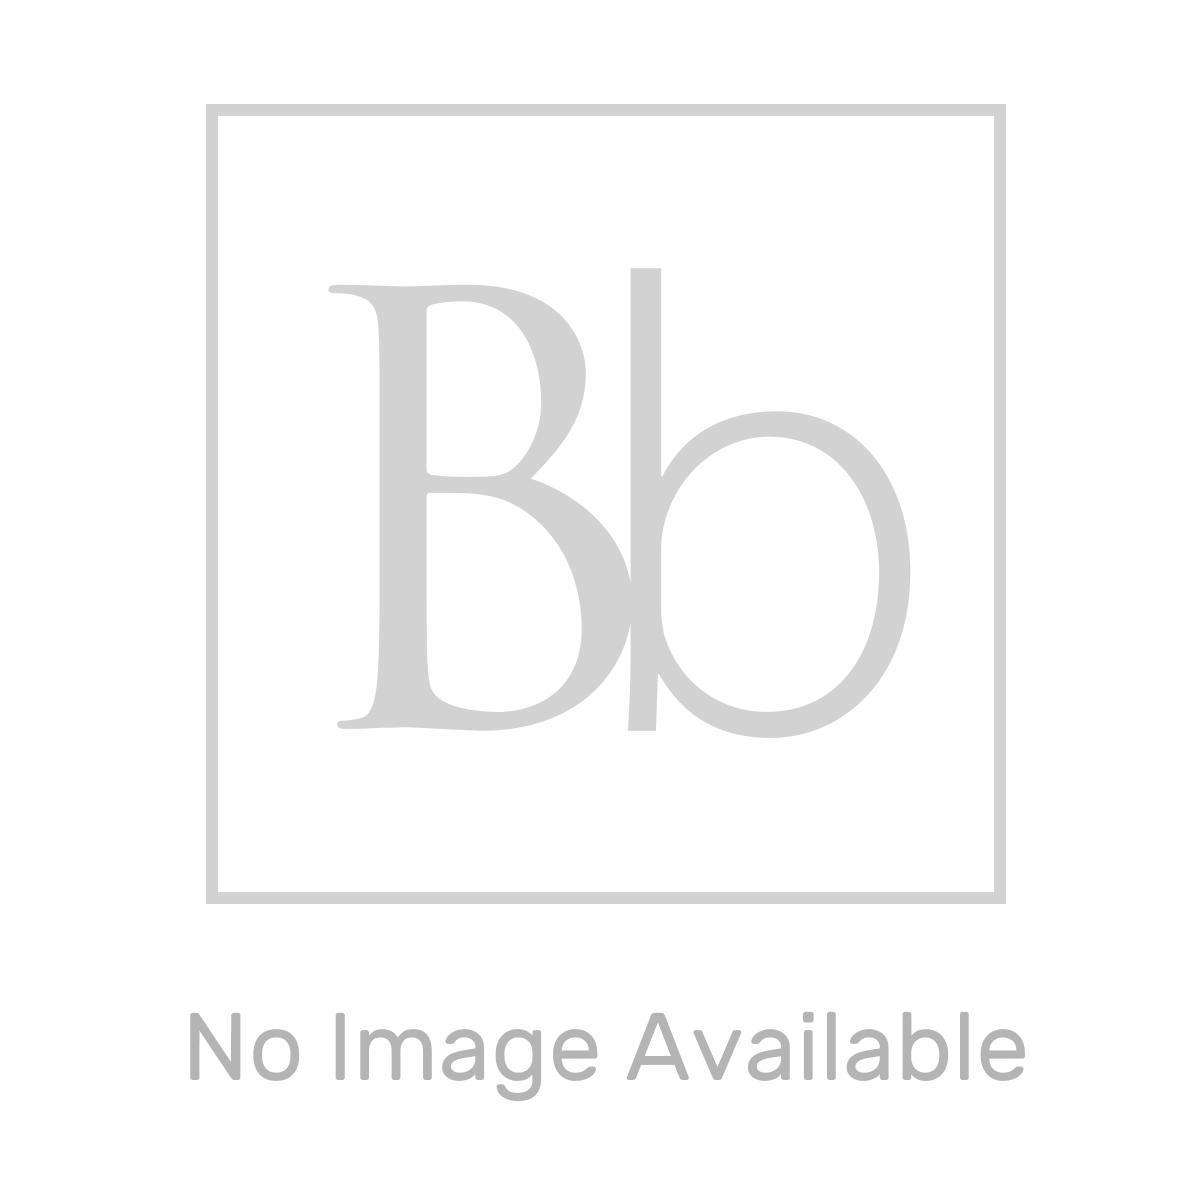 Aquadart Inline Hinged Recess Shower Door Detail 1